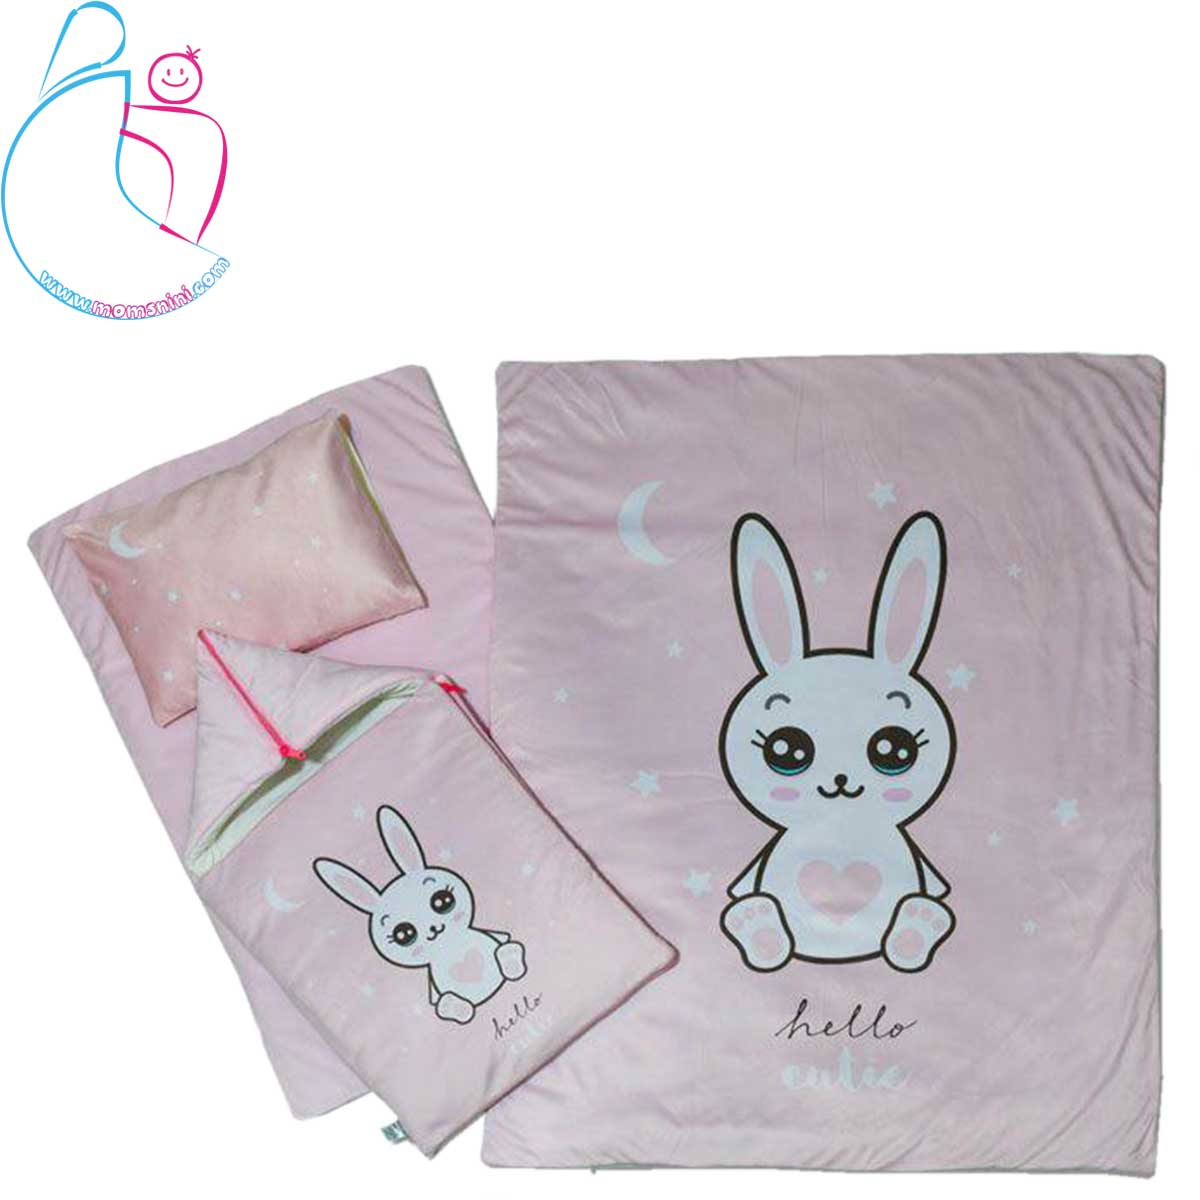 سرویس خواب ۴ تکه کودک مدل خرگوش لوس